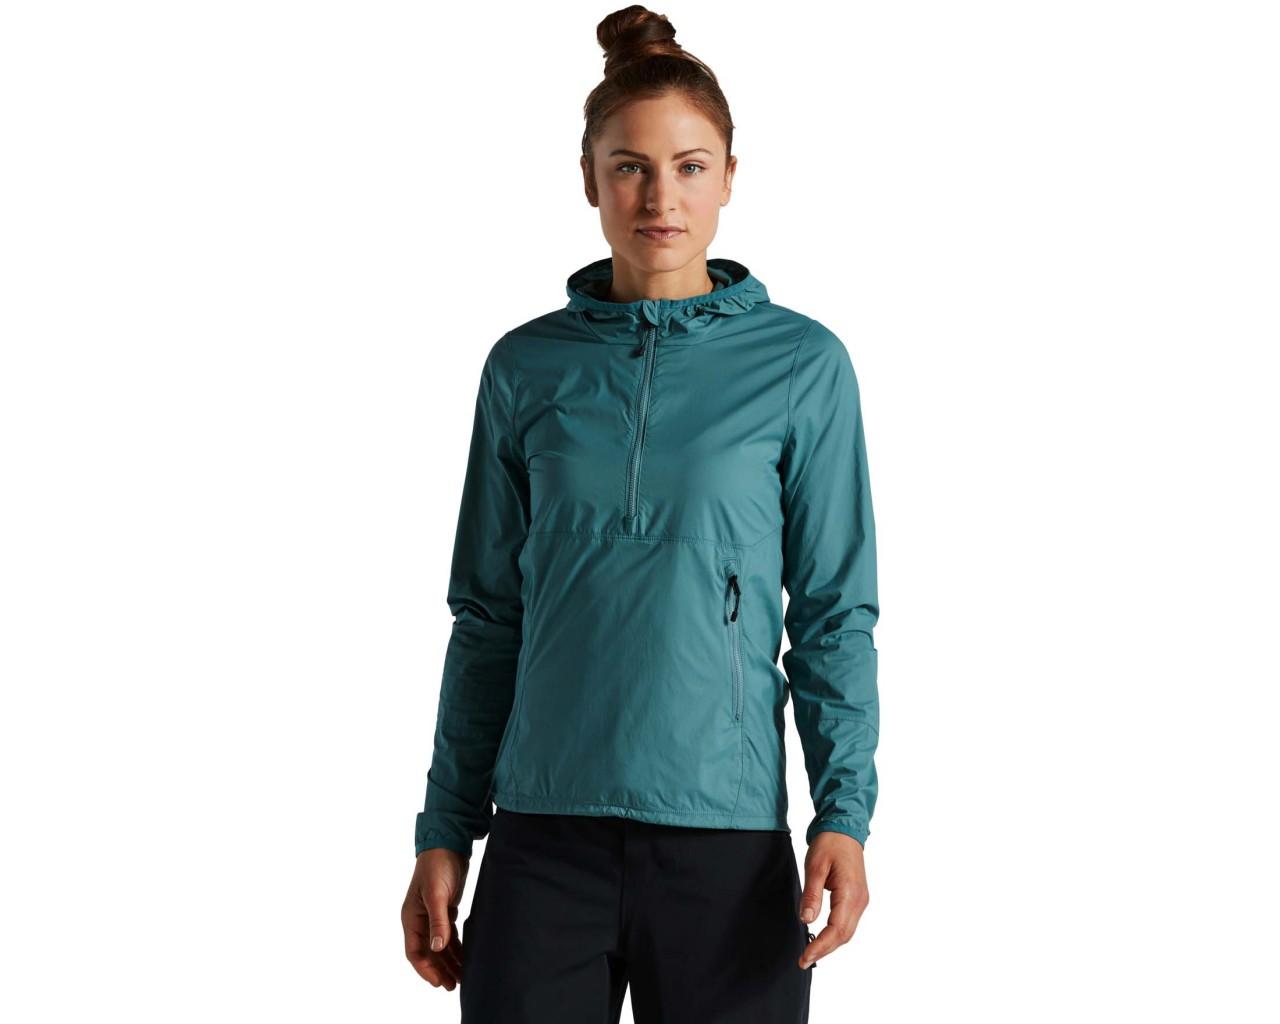 Specialized Trail-Series Damen Windjacke | dusty turquoise